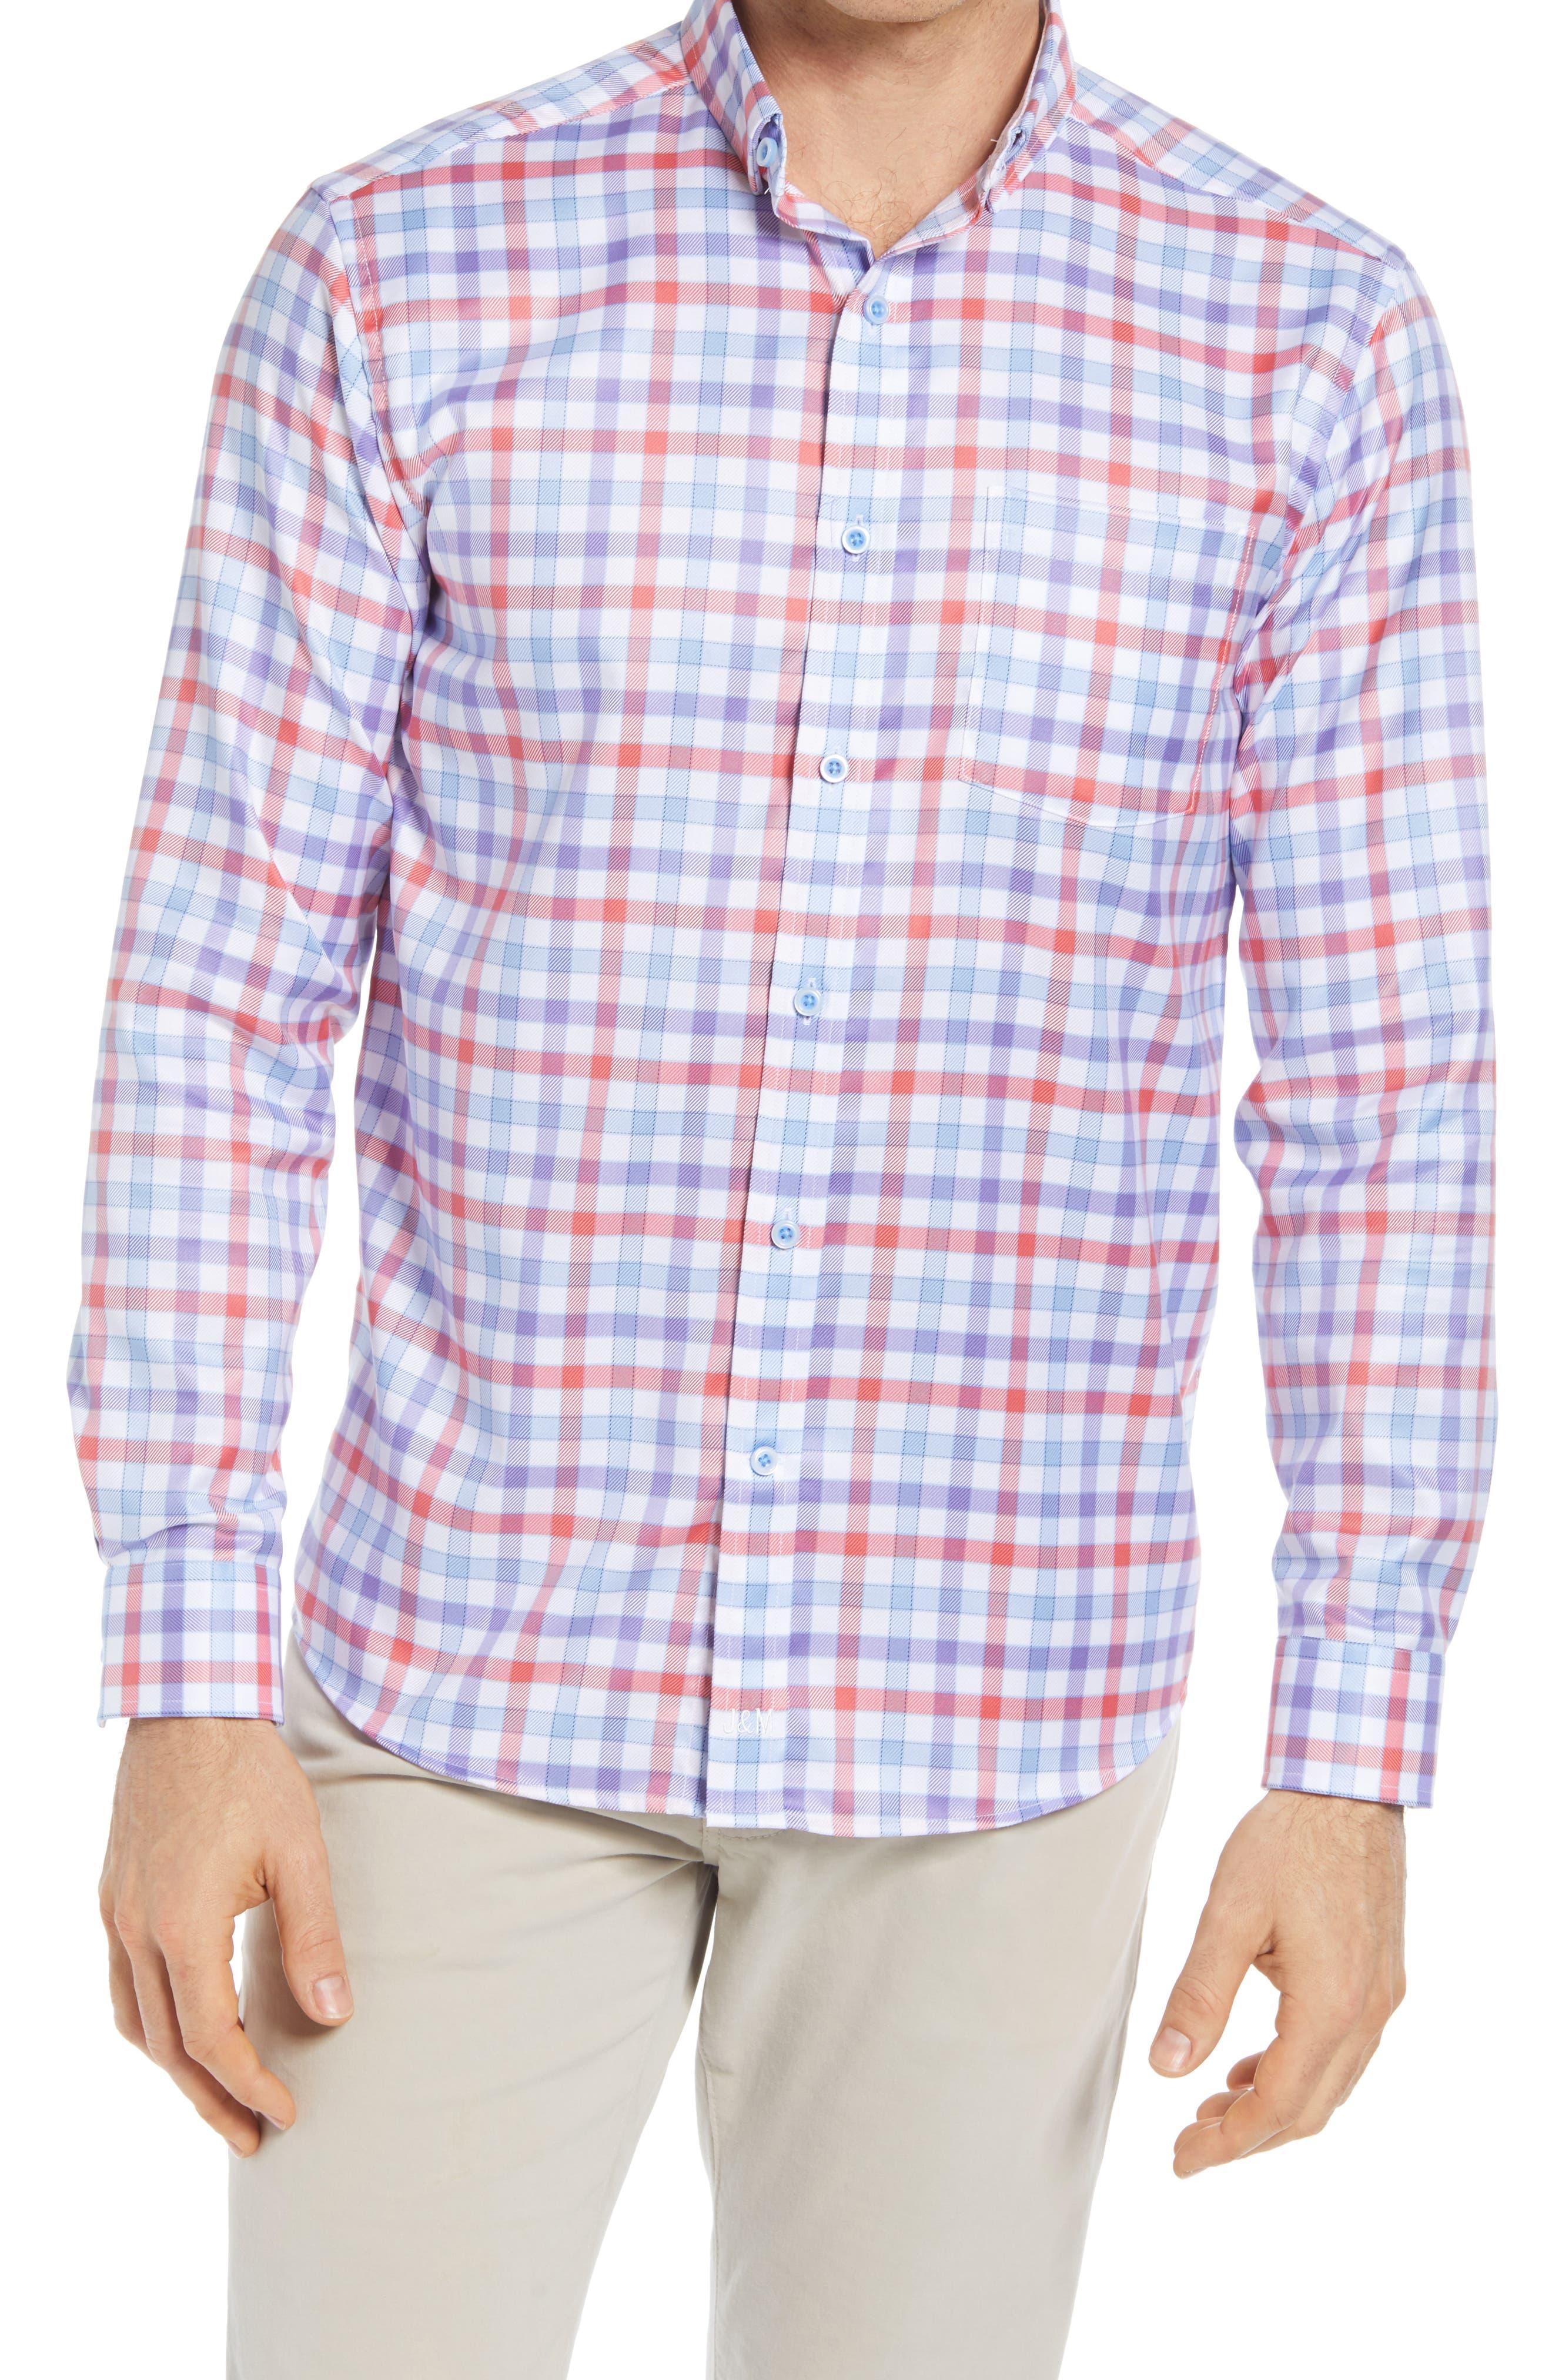 Gingham Button-Up Shirt